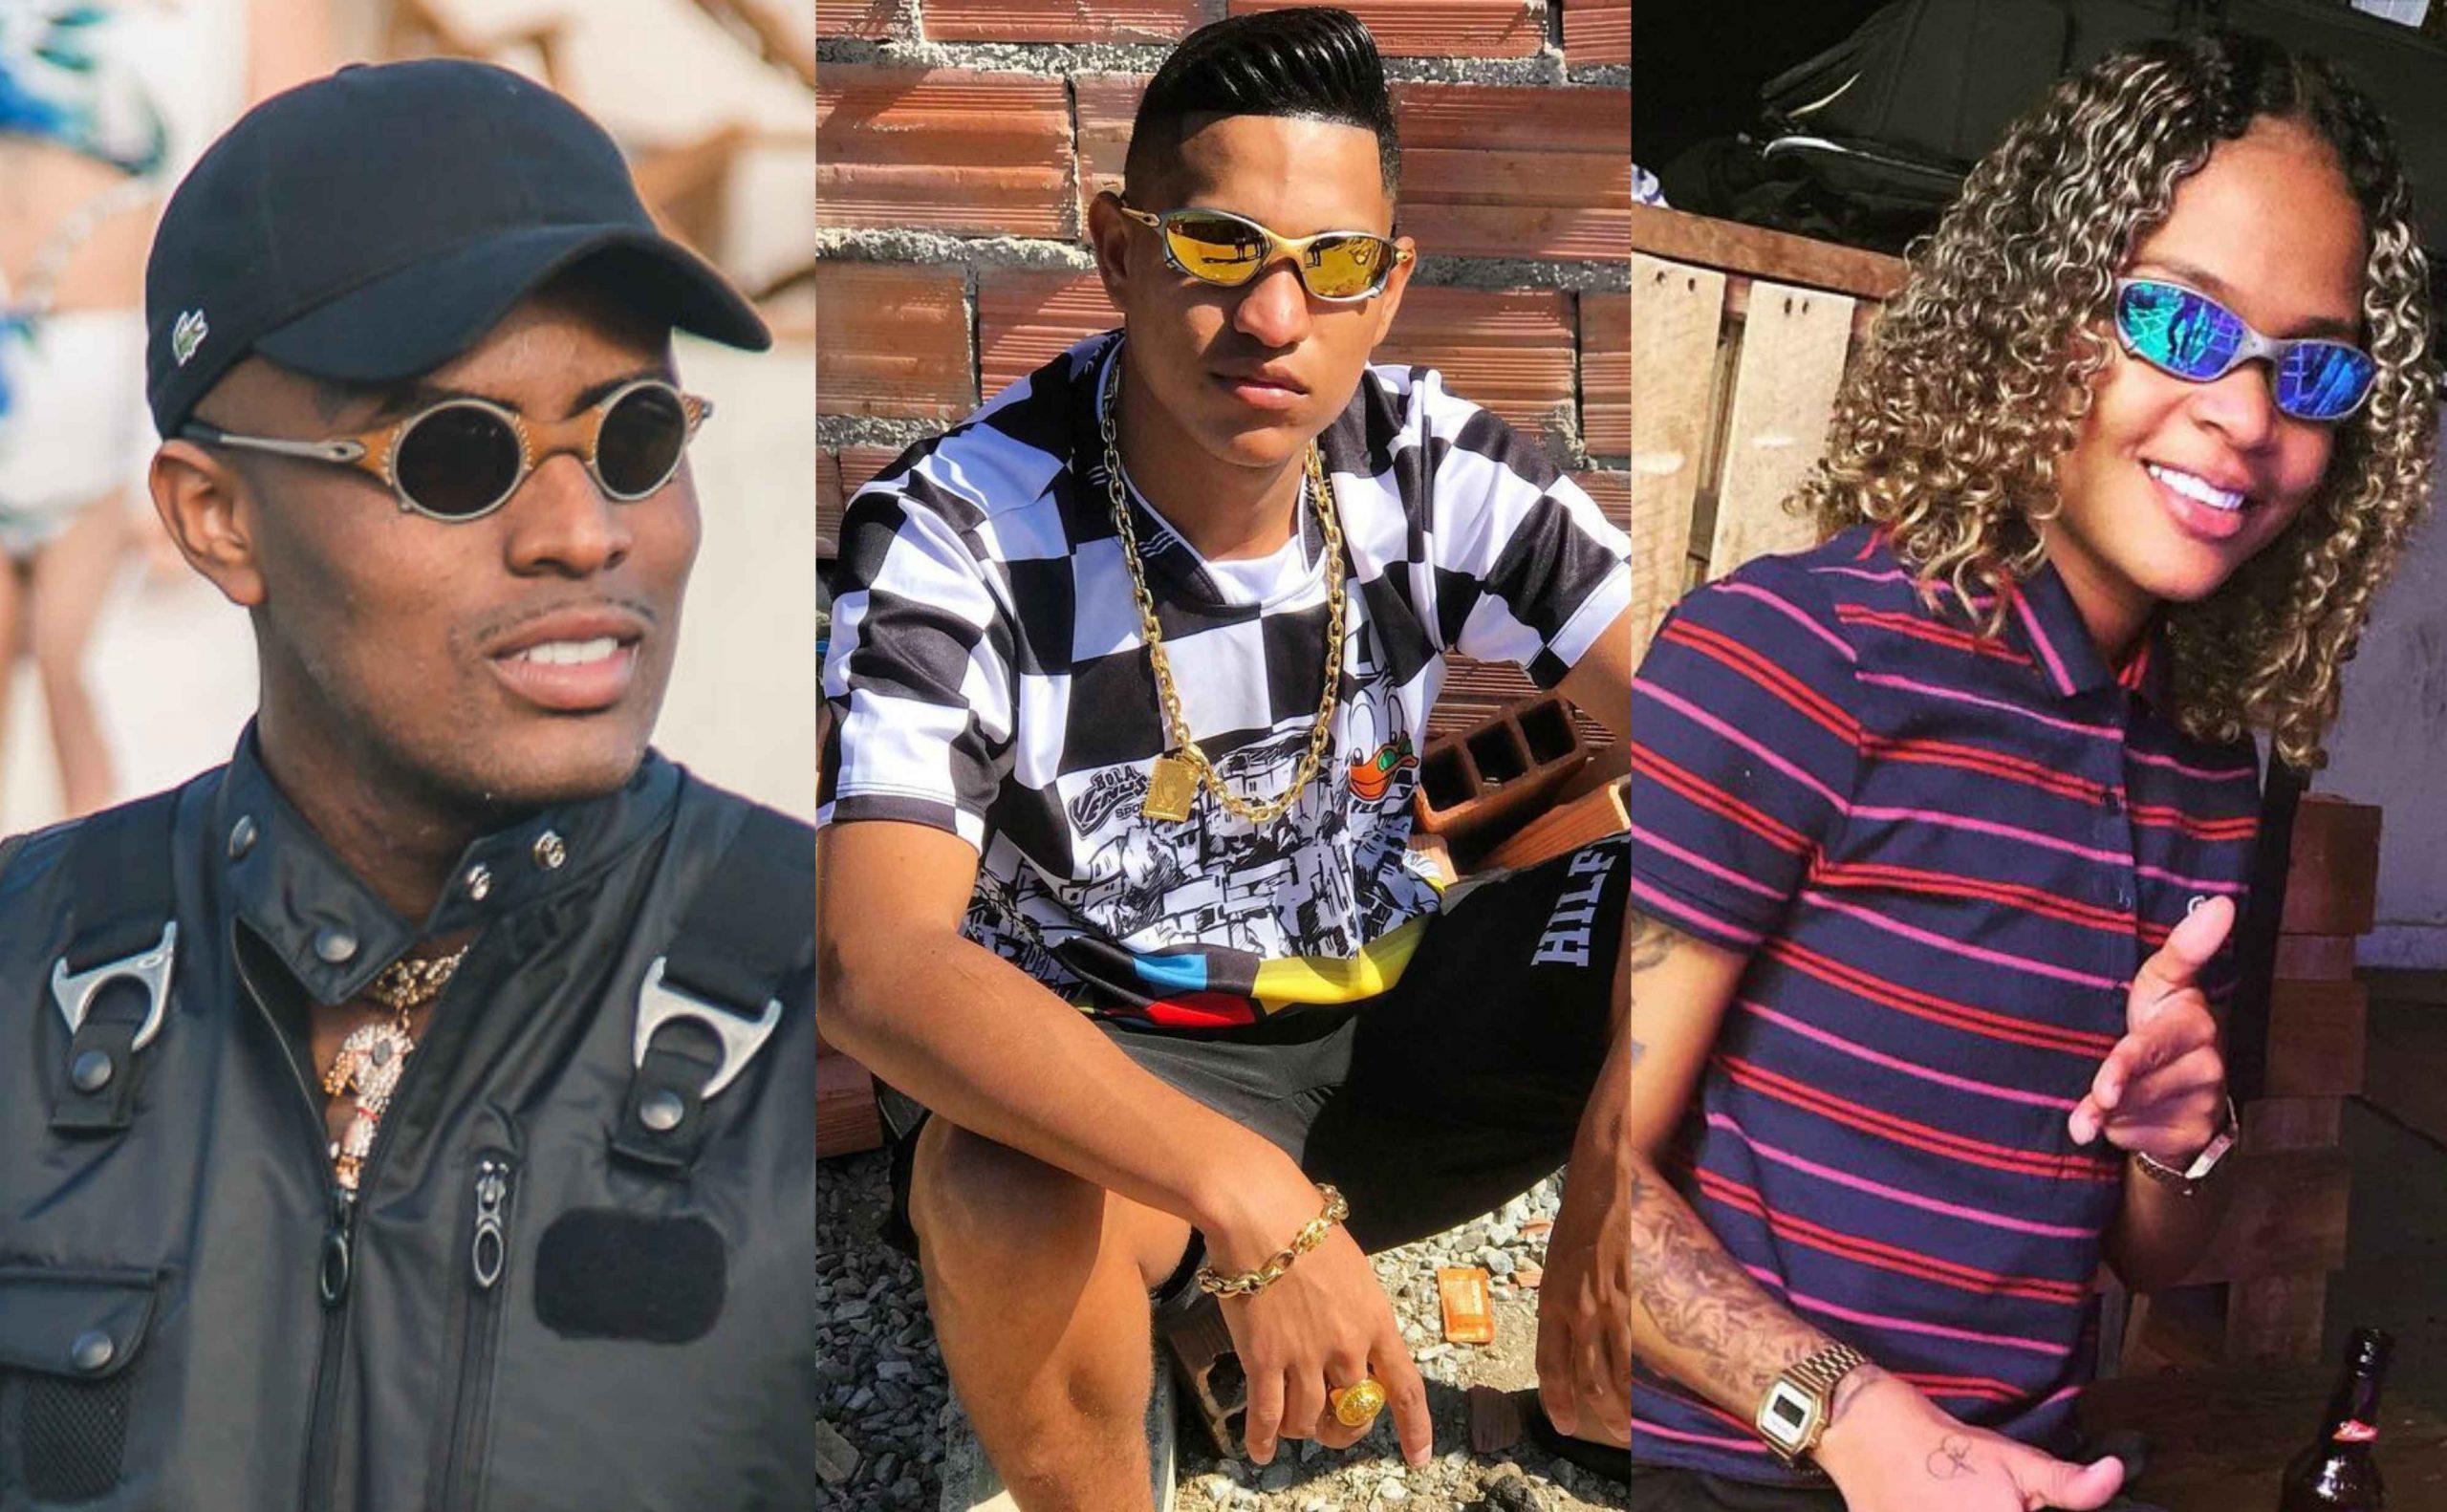 Muito além do novembro negro: artistas do funk e do trap que dão a letra sobre consciência e autoestima o ano todo